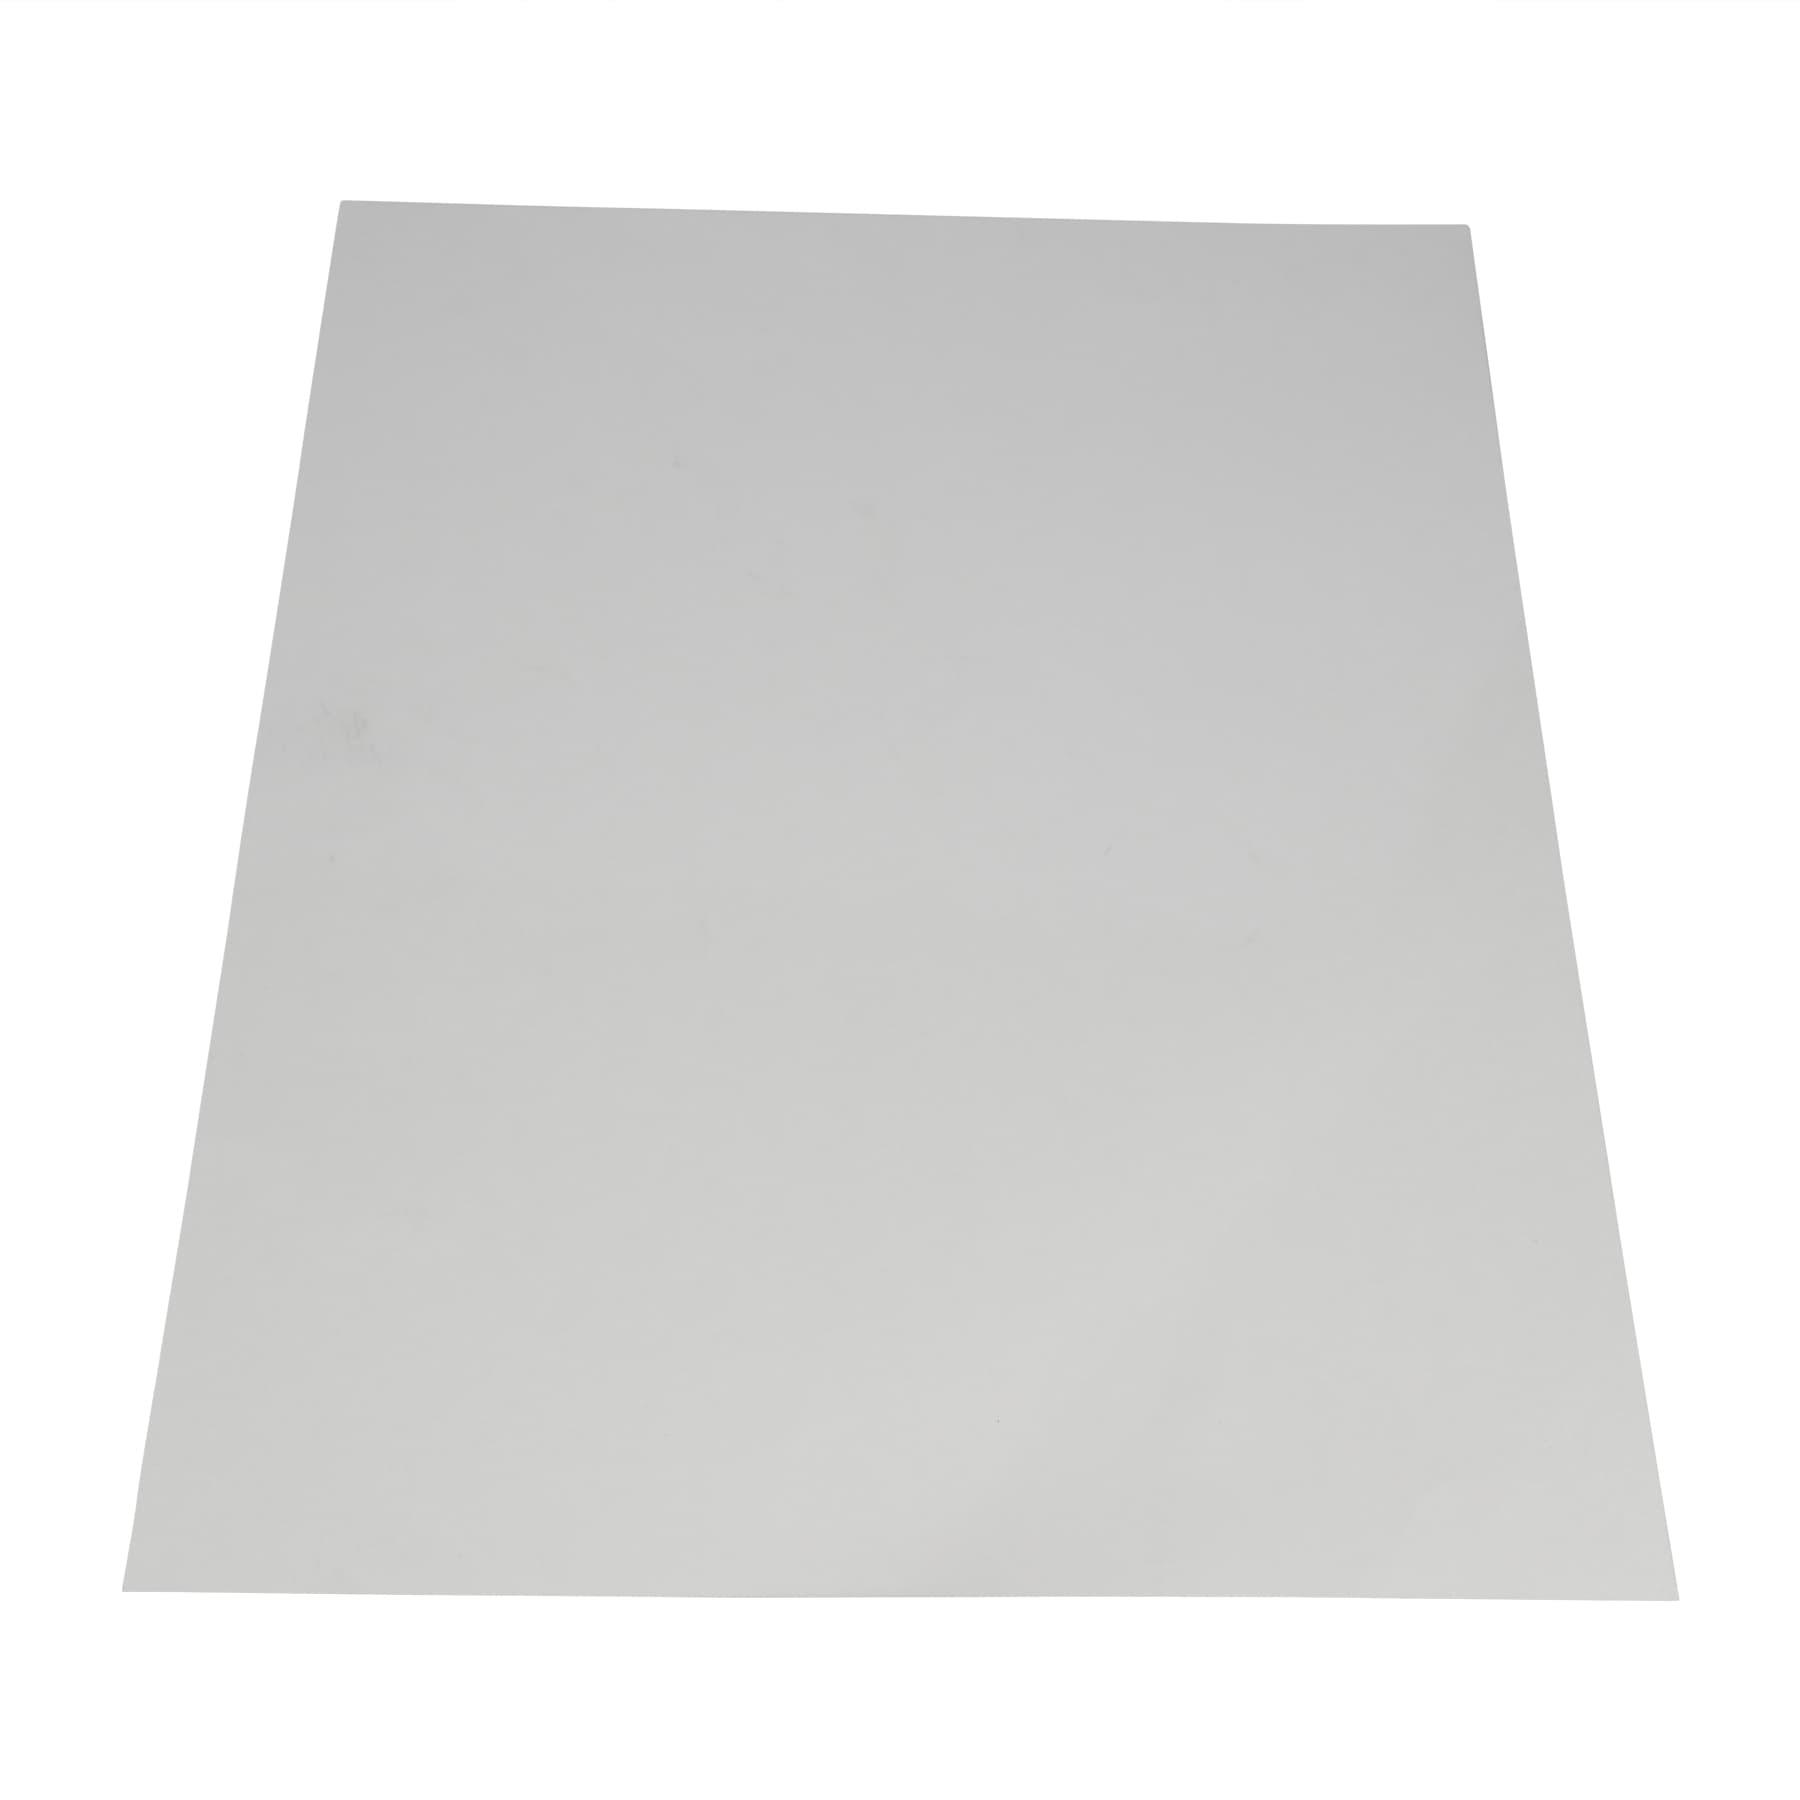 Abdeckfix, Klarsichtabdeckung 421x 378 x 0,4 mm für Liebig DN Beute